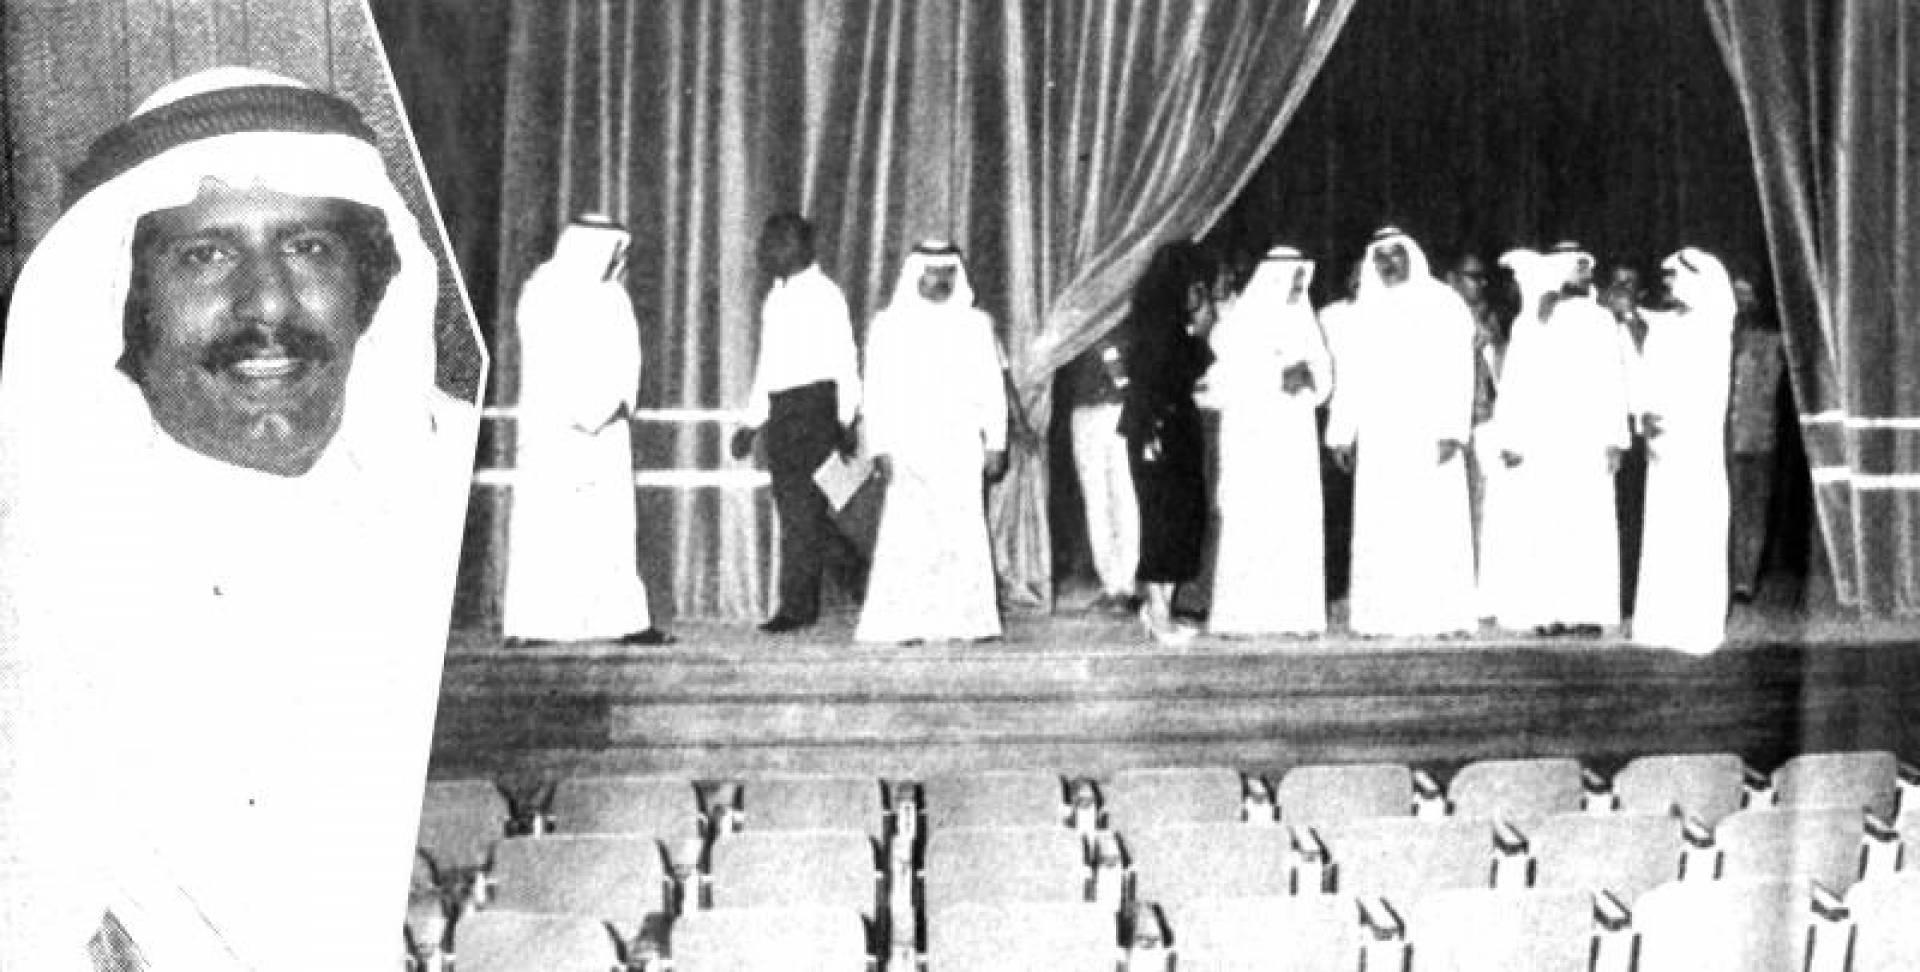 1991  الشطي يخرج من حالة اللاتوازن التي سببها الاحتلال الغاشم.. ويقول كلمته المسرحية الأولى دون كلام